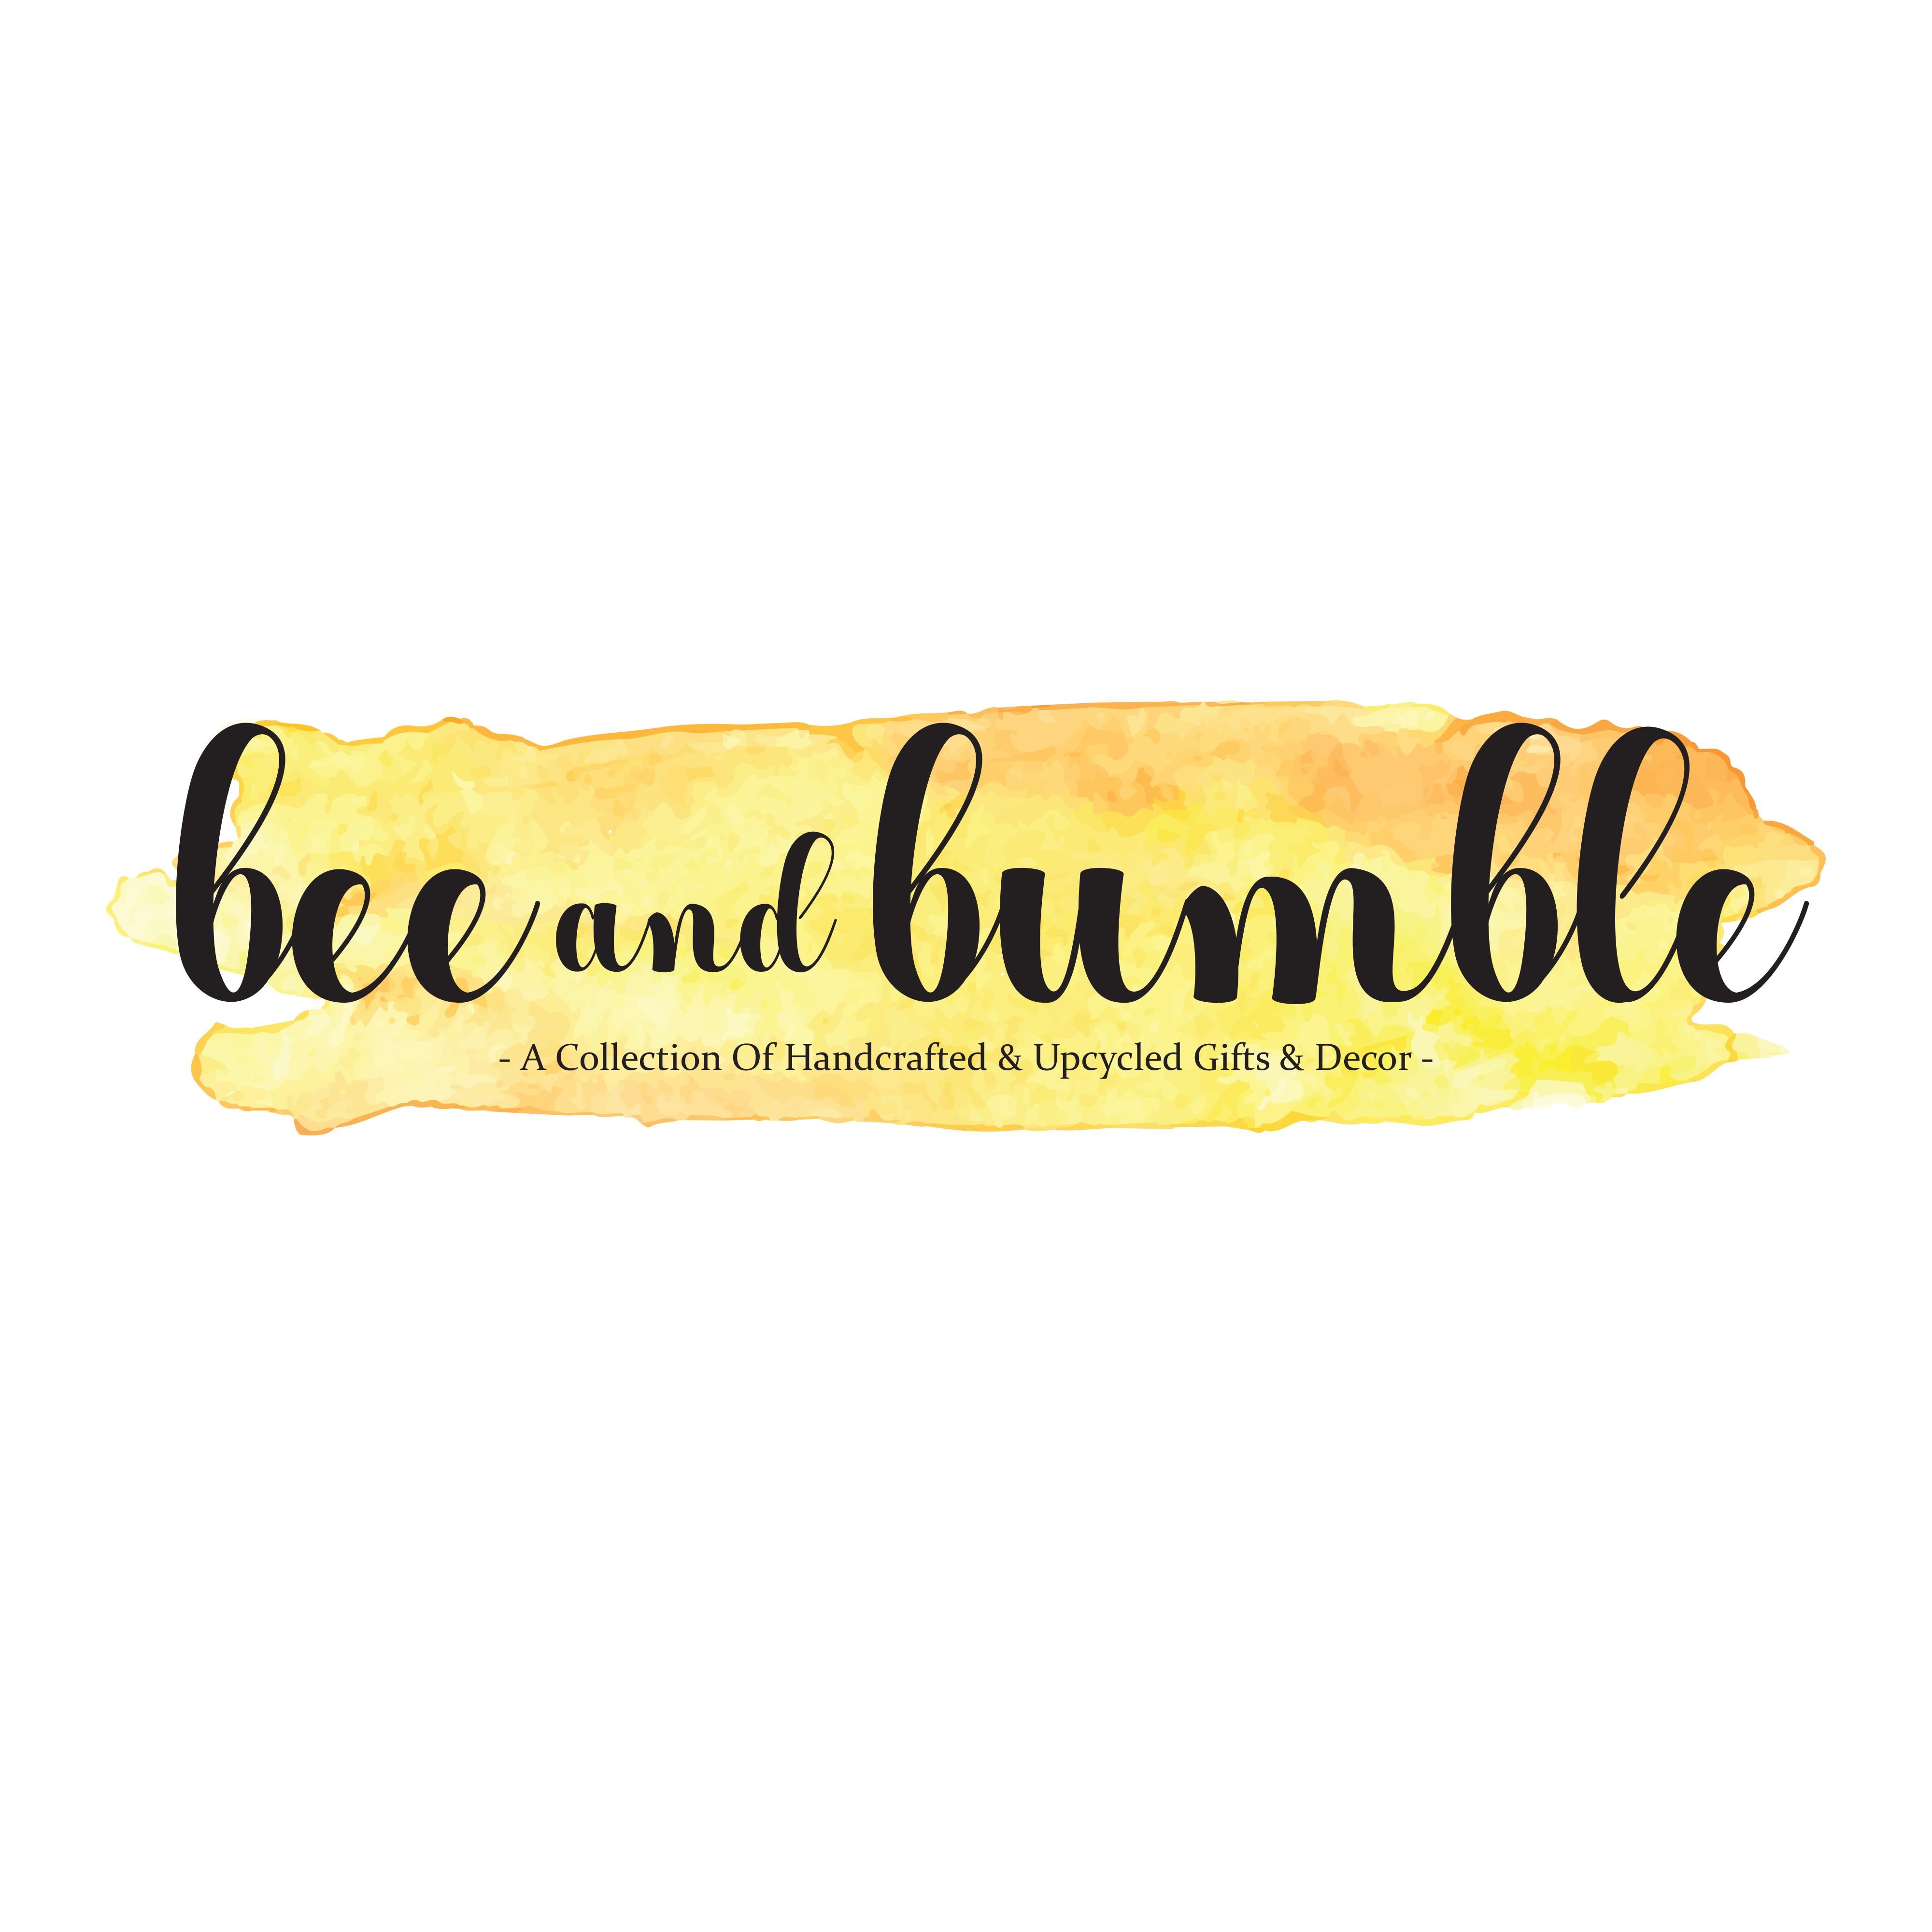 BeeandBumble